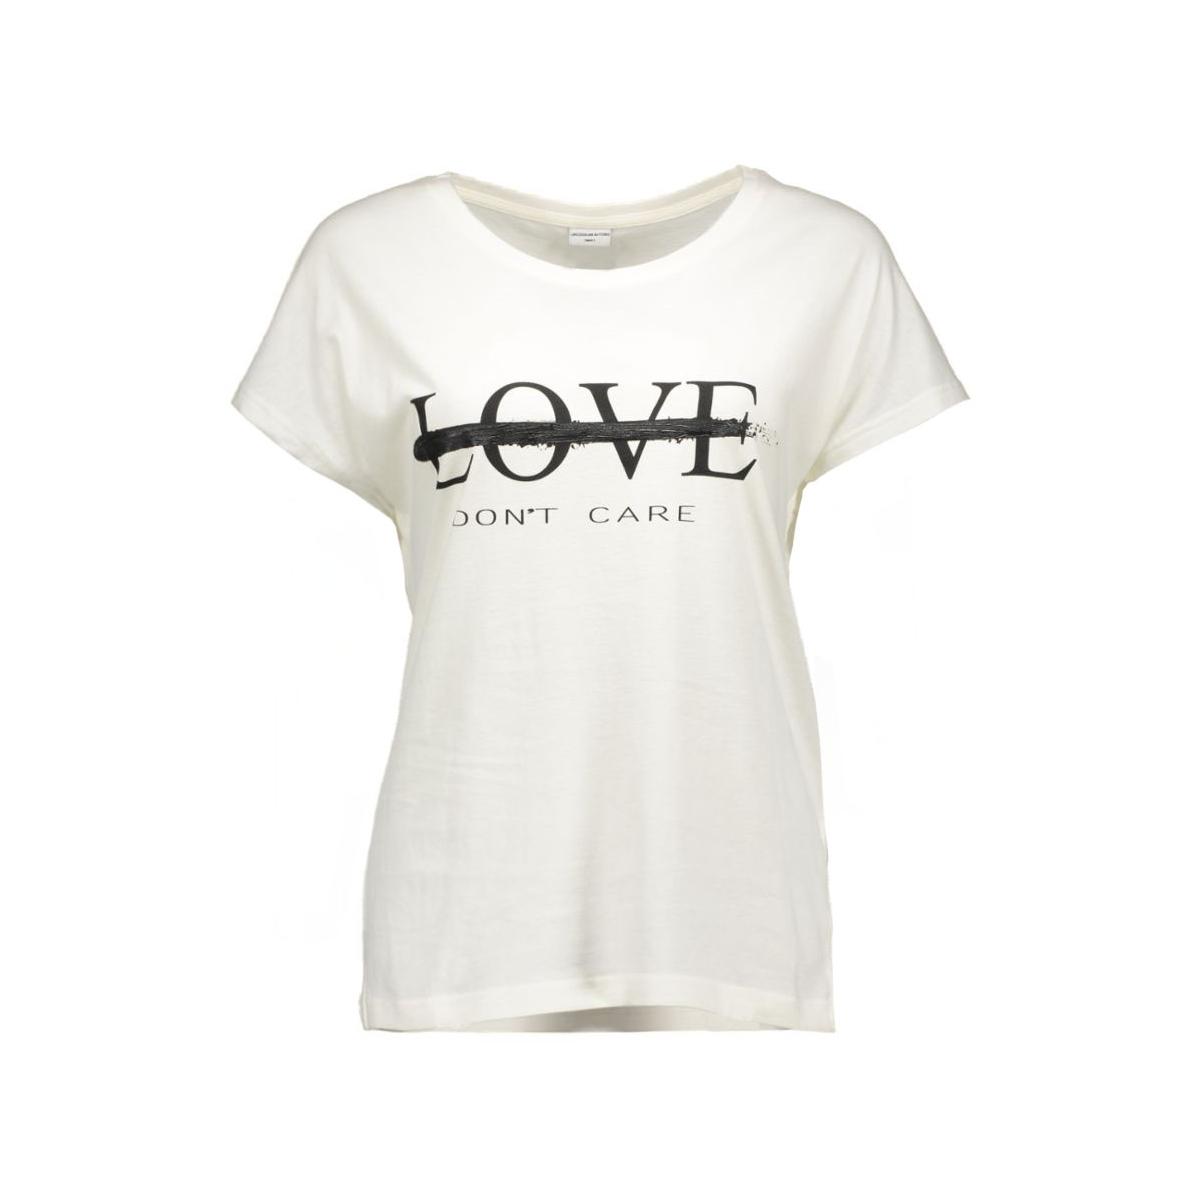 jdynora s/s top jrs 15120277 jacqueline de yong t-shirt cloud dancer/love